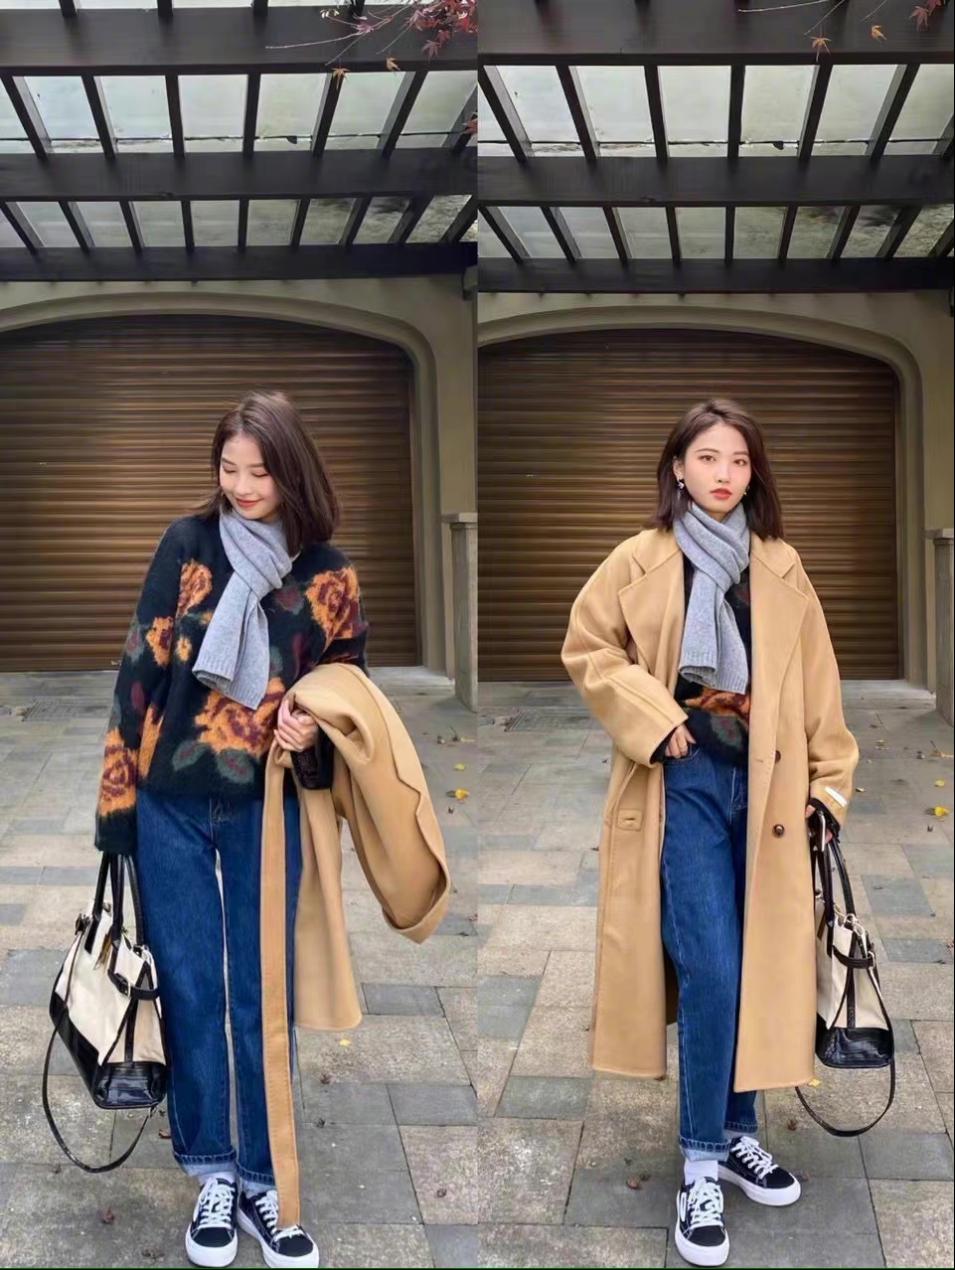 Loạt cách mix sành điệu từ trong ra ngoài, bỏ áo khoác lại càng đẹp xuất sắc dành cho chị em công sở - Ảnh 3.